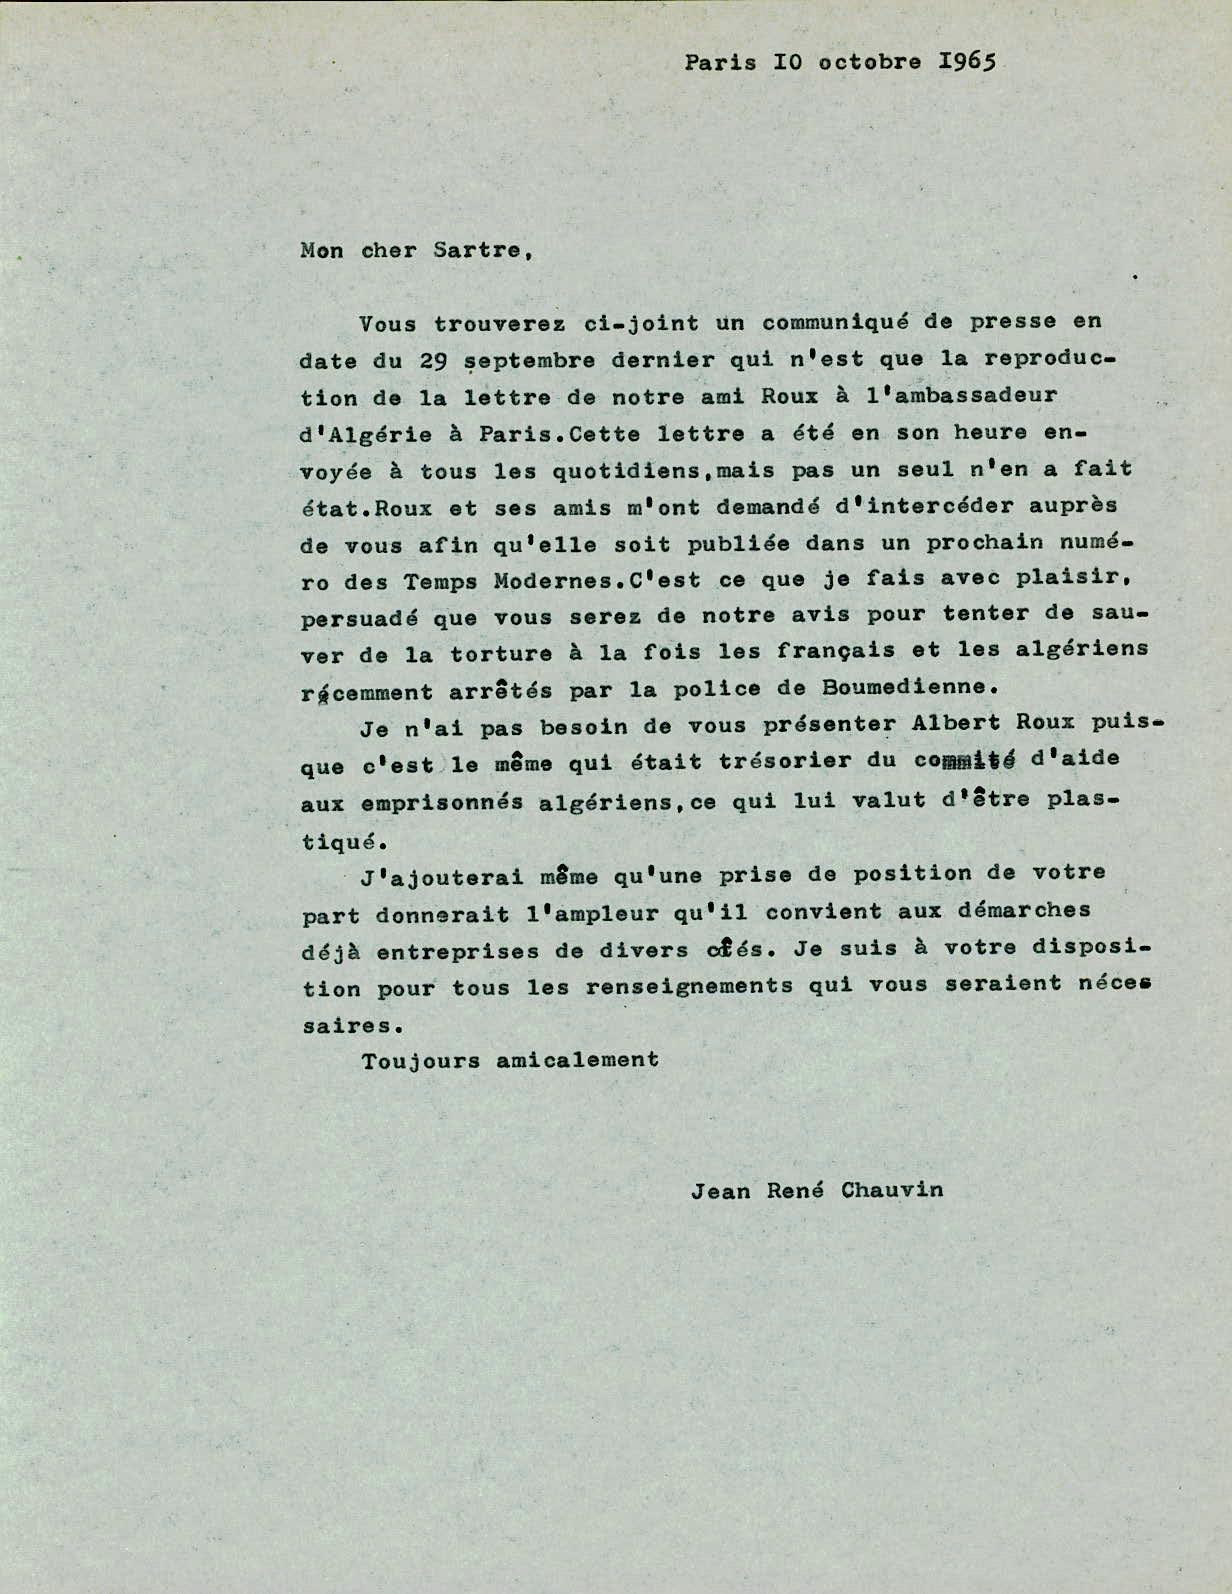 exemple de lettre ecrite a des prisonnier